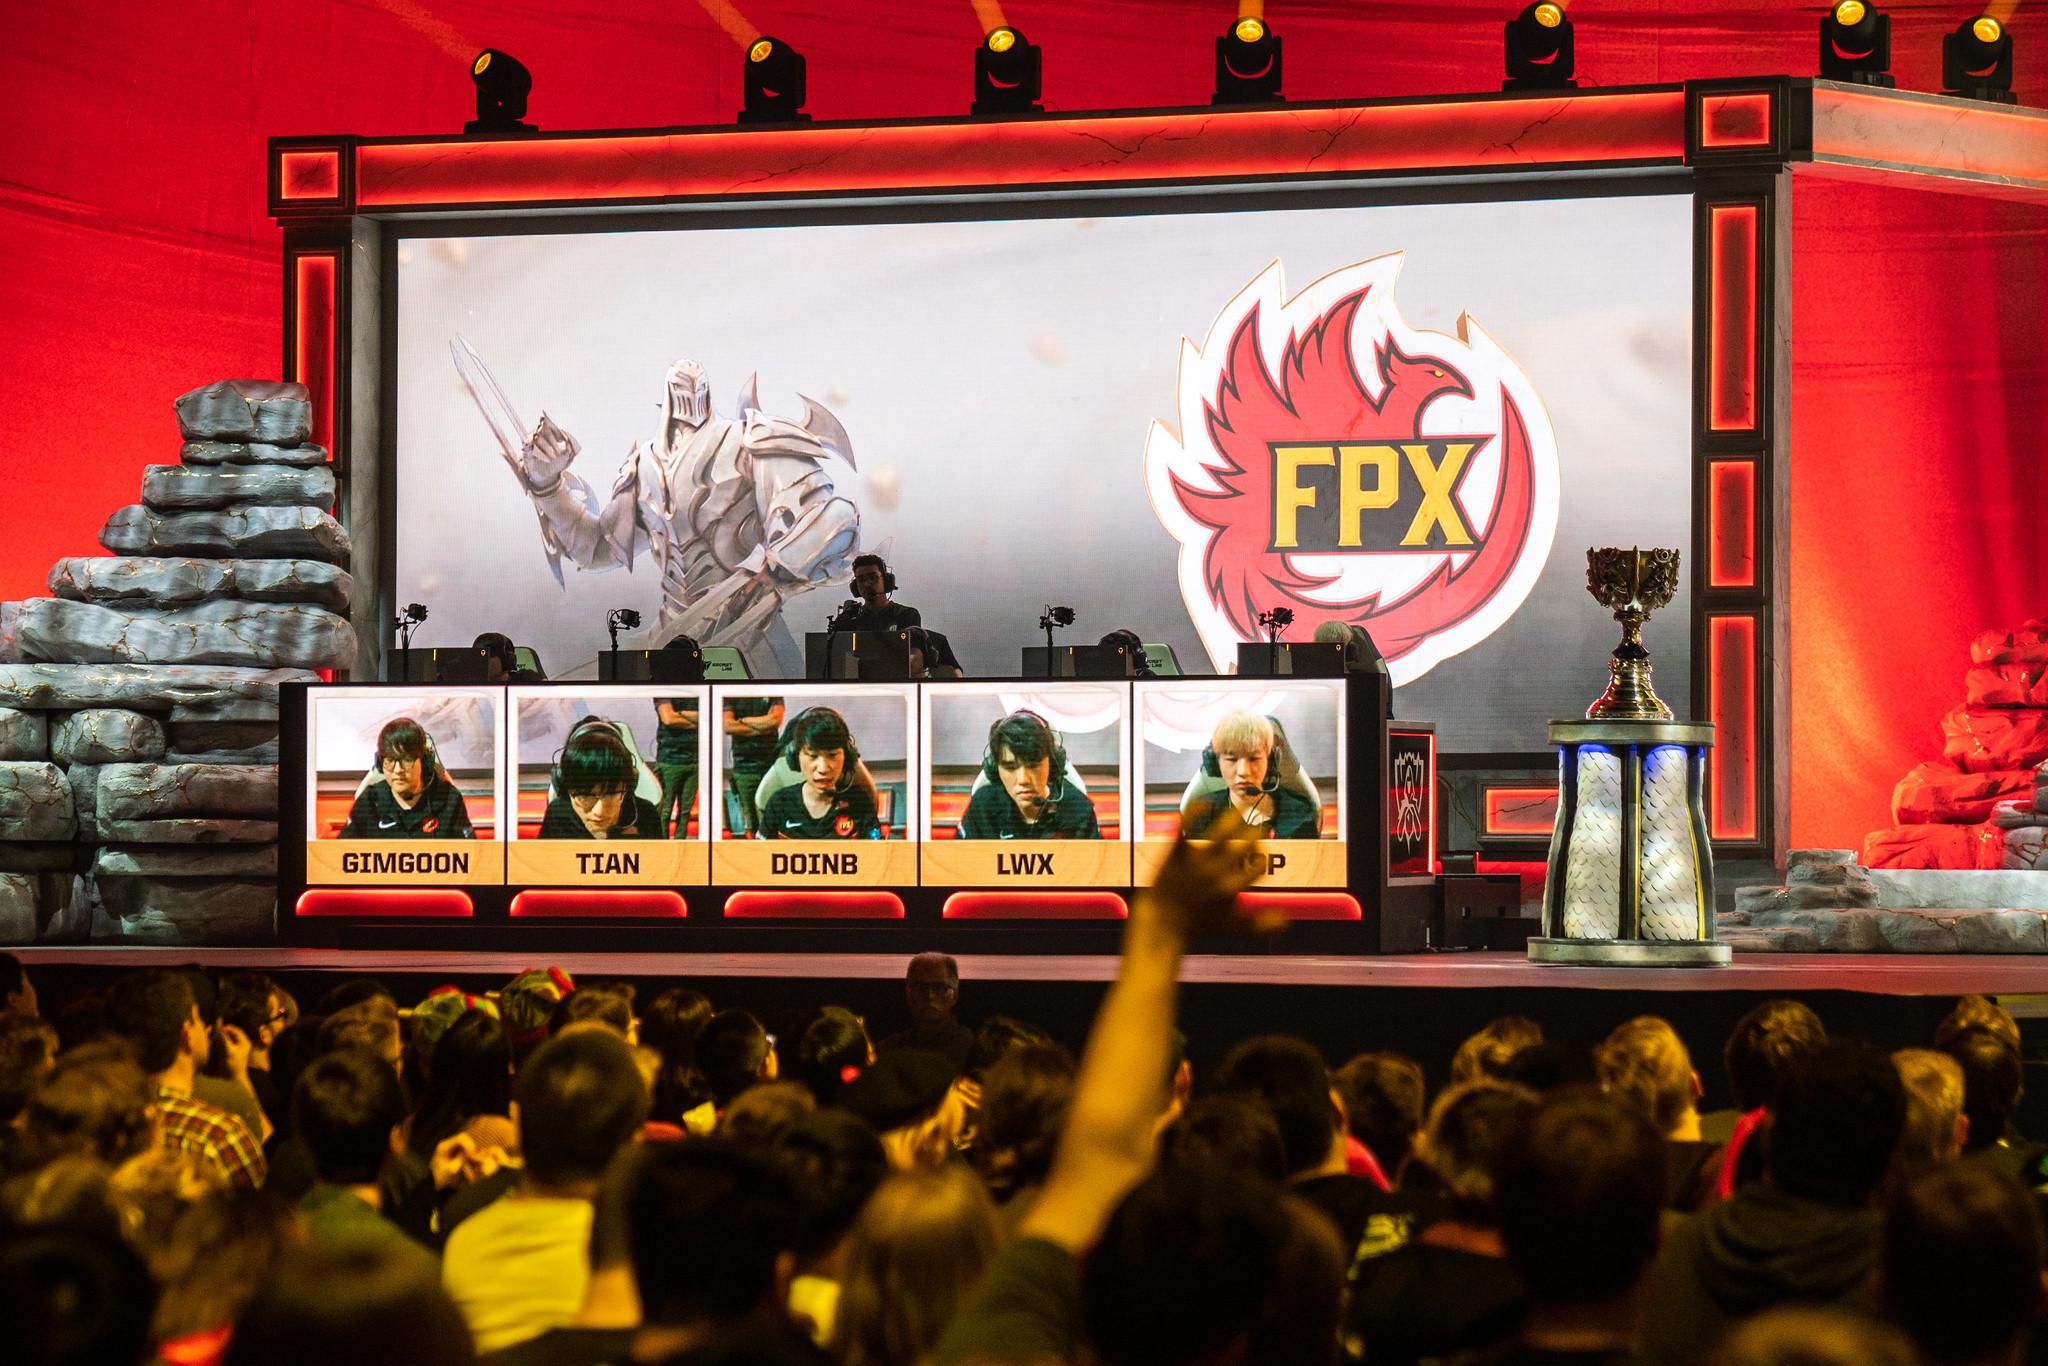 Vòng bảng CKTG 2019: Tian quá xuất sắc, GAM bị bóp nghẹt trước FPX